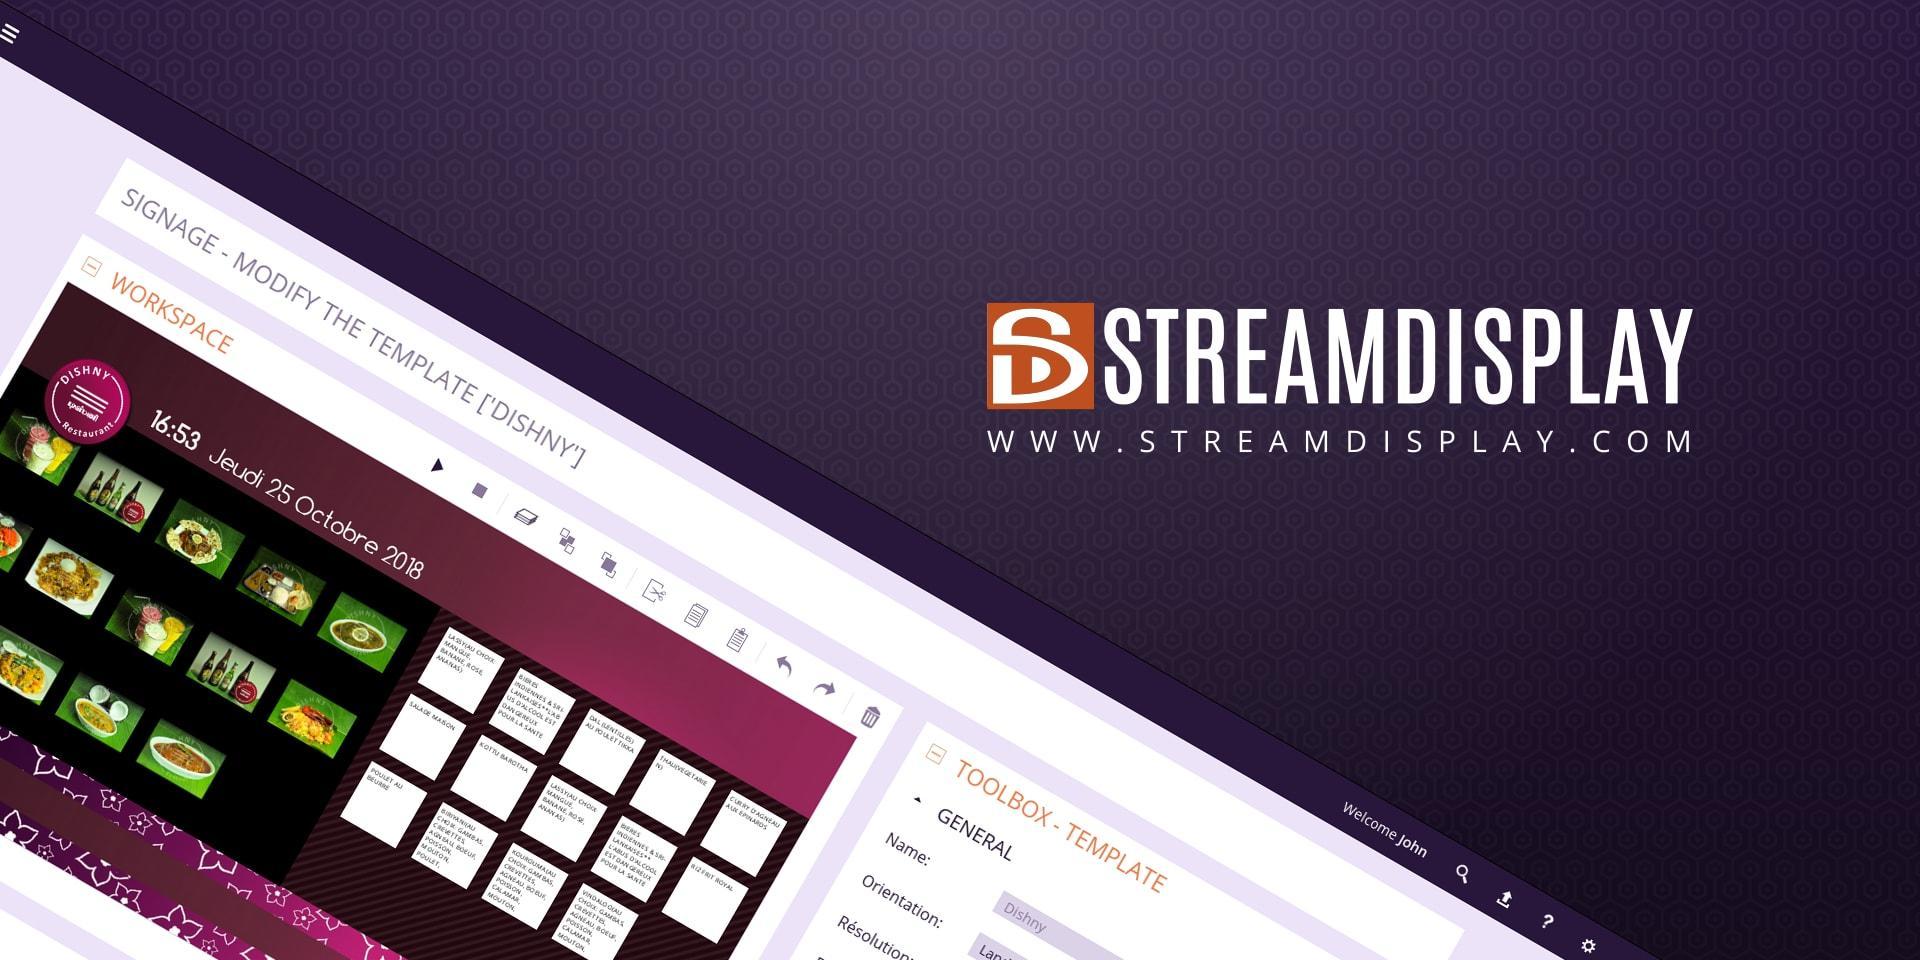 Avis StreamDisplay : Votre nouvelle expérience d'Affichage Dynamique - Appvizer